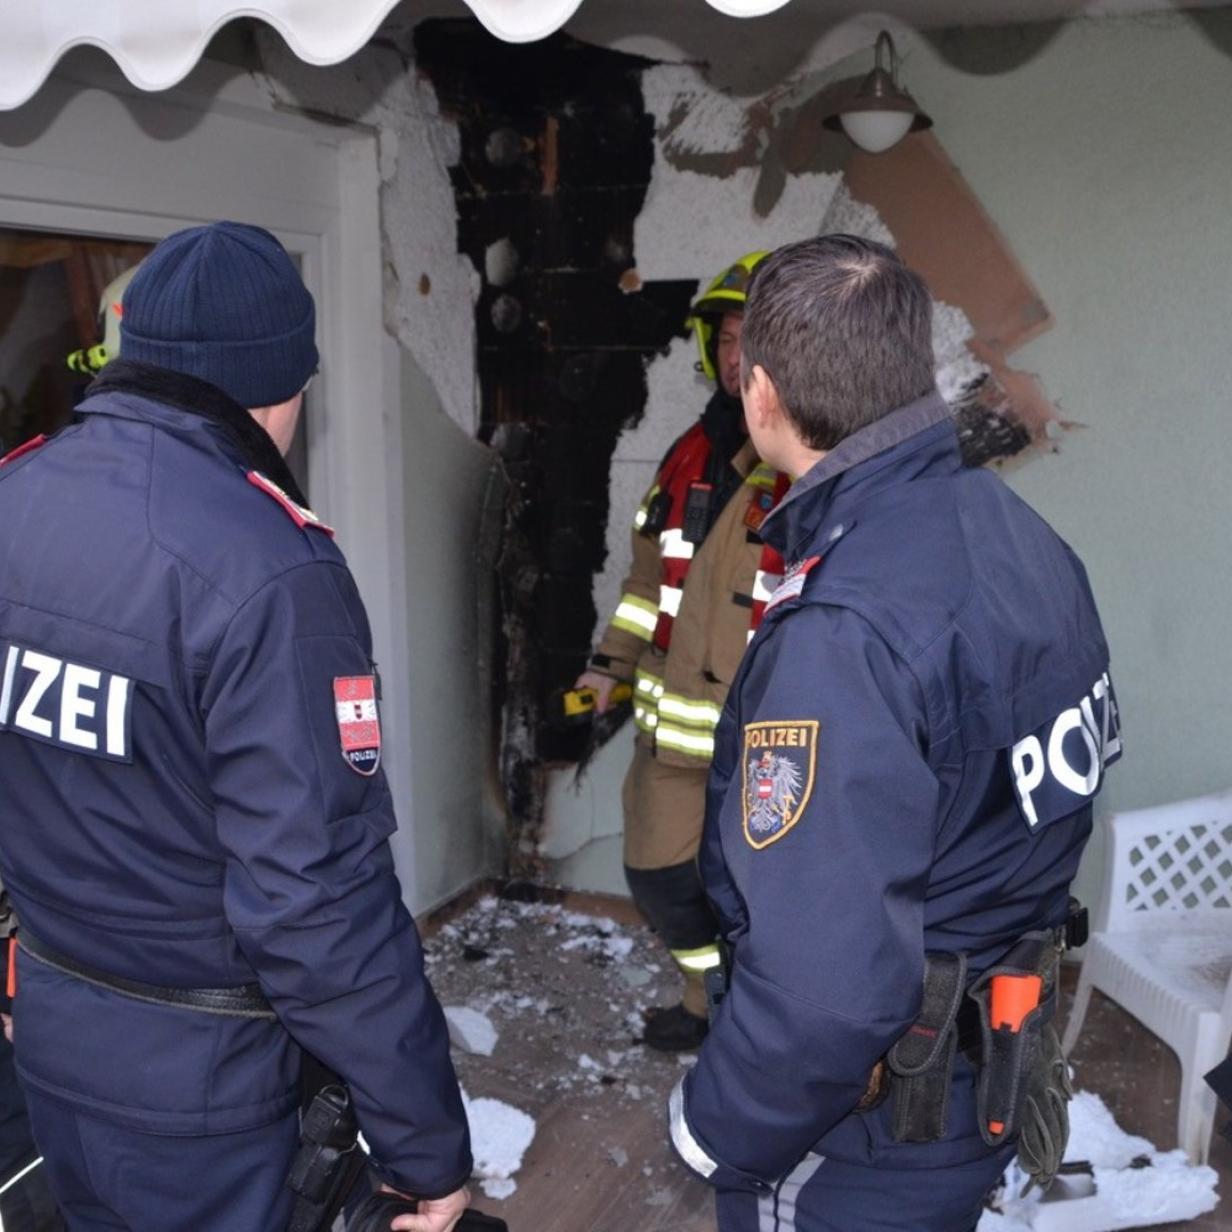 Tragödie verhindert: Nachbar löschte Brand in Einfamilienhaus